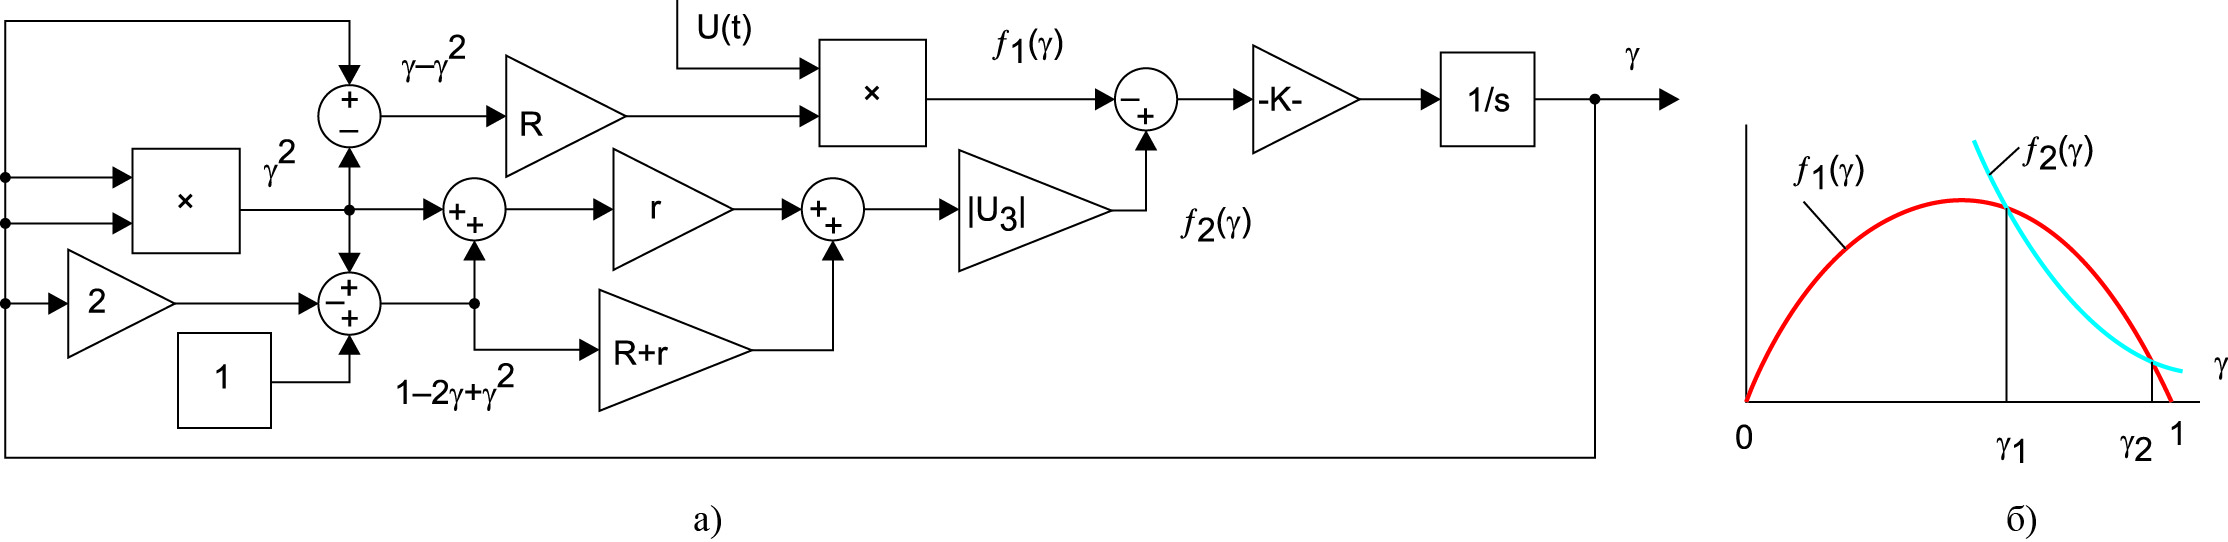 Схема аналогового вычислительного устройства в обозначениях системы MATLAB + Simulink